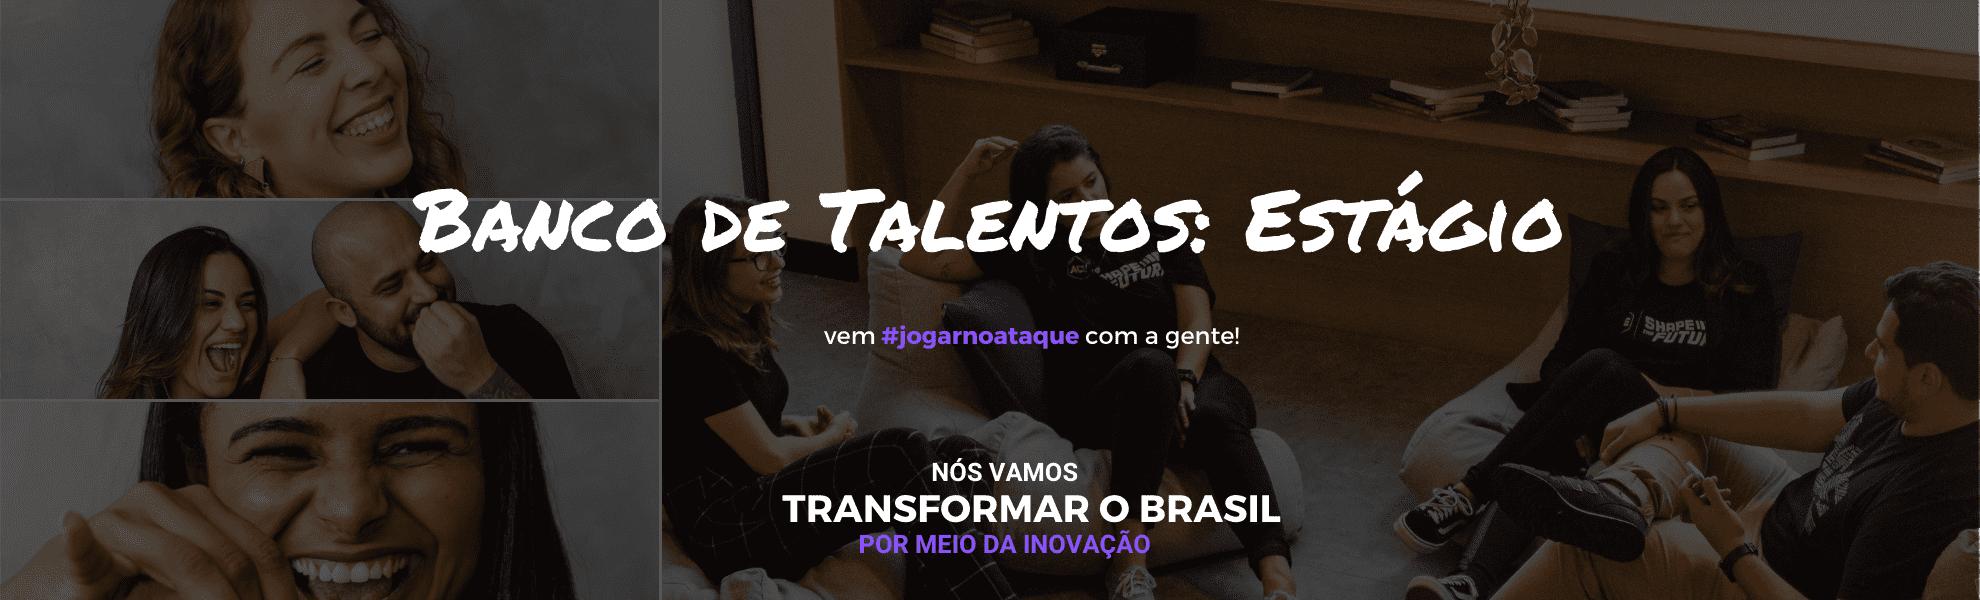 Banco de Talentos..: Vagas Estágio